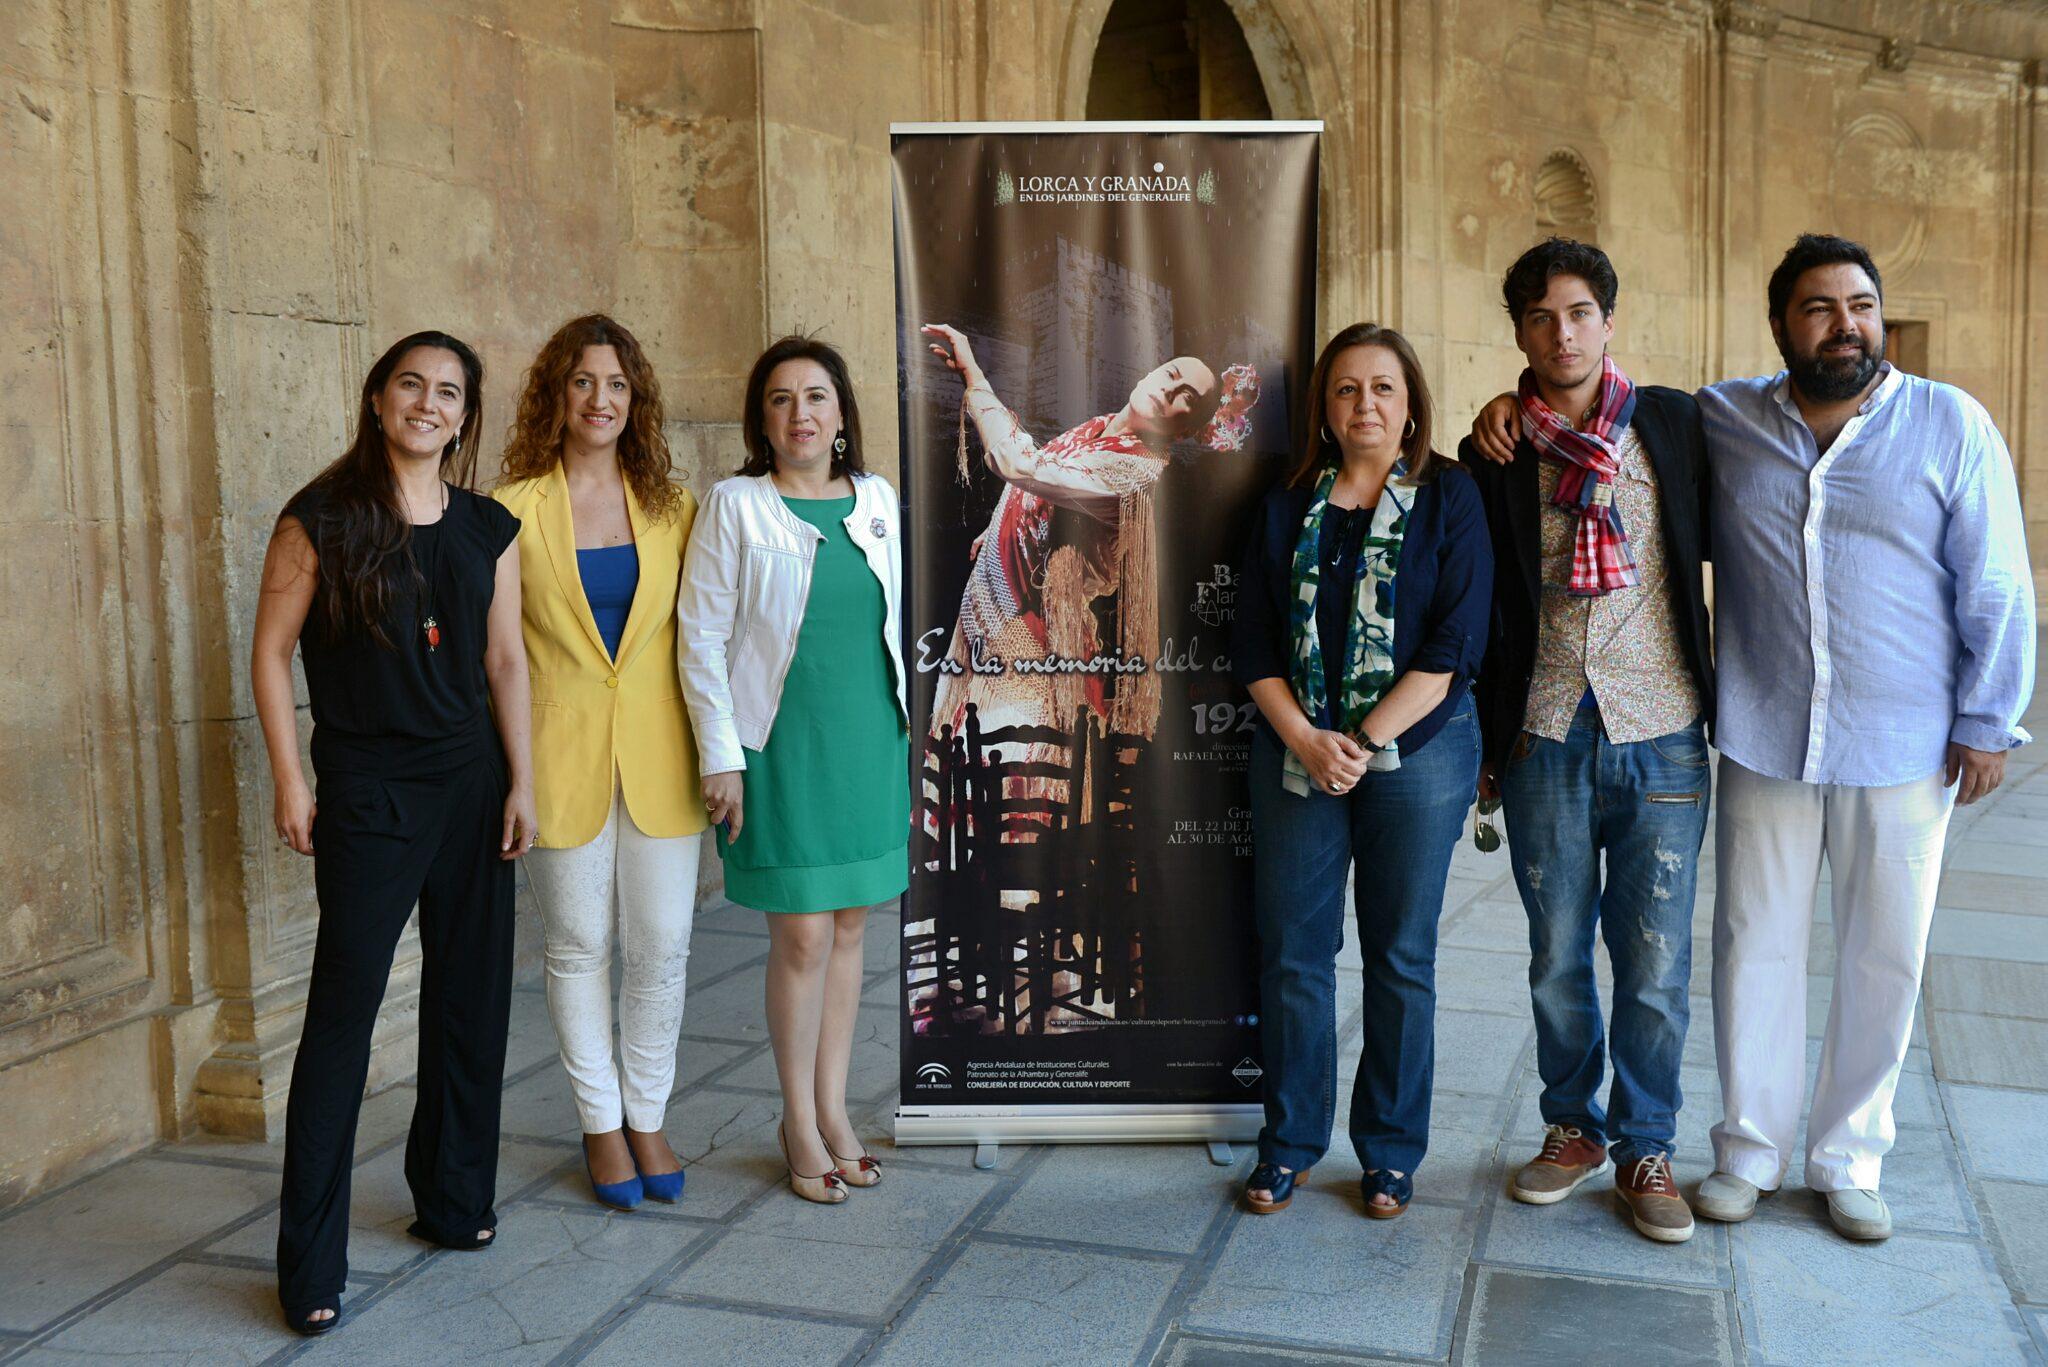 José Enrique Morente joins the Ballet Flamenco de Andalucía dance company for this summer's Lorca and Granada cycle